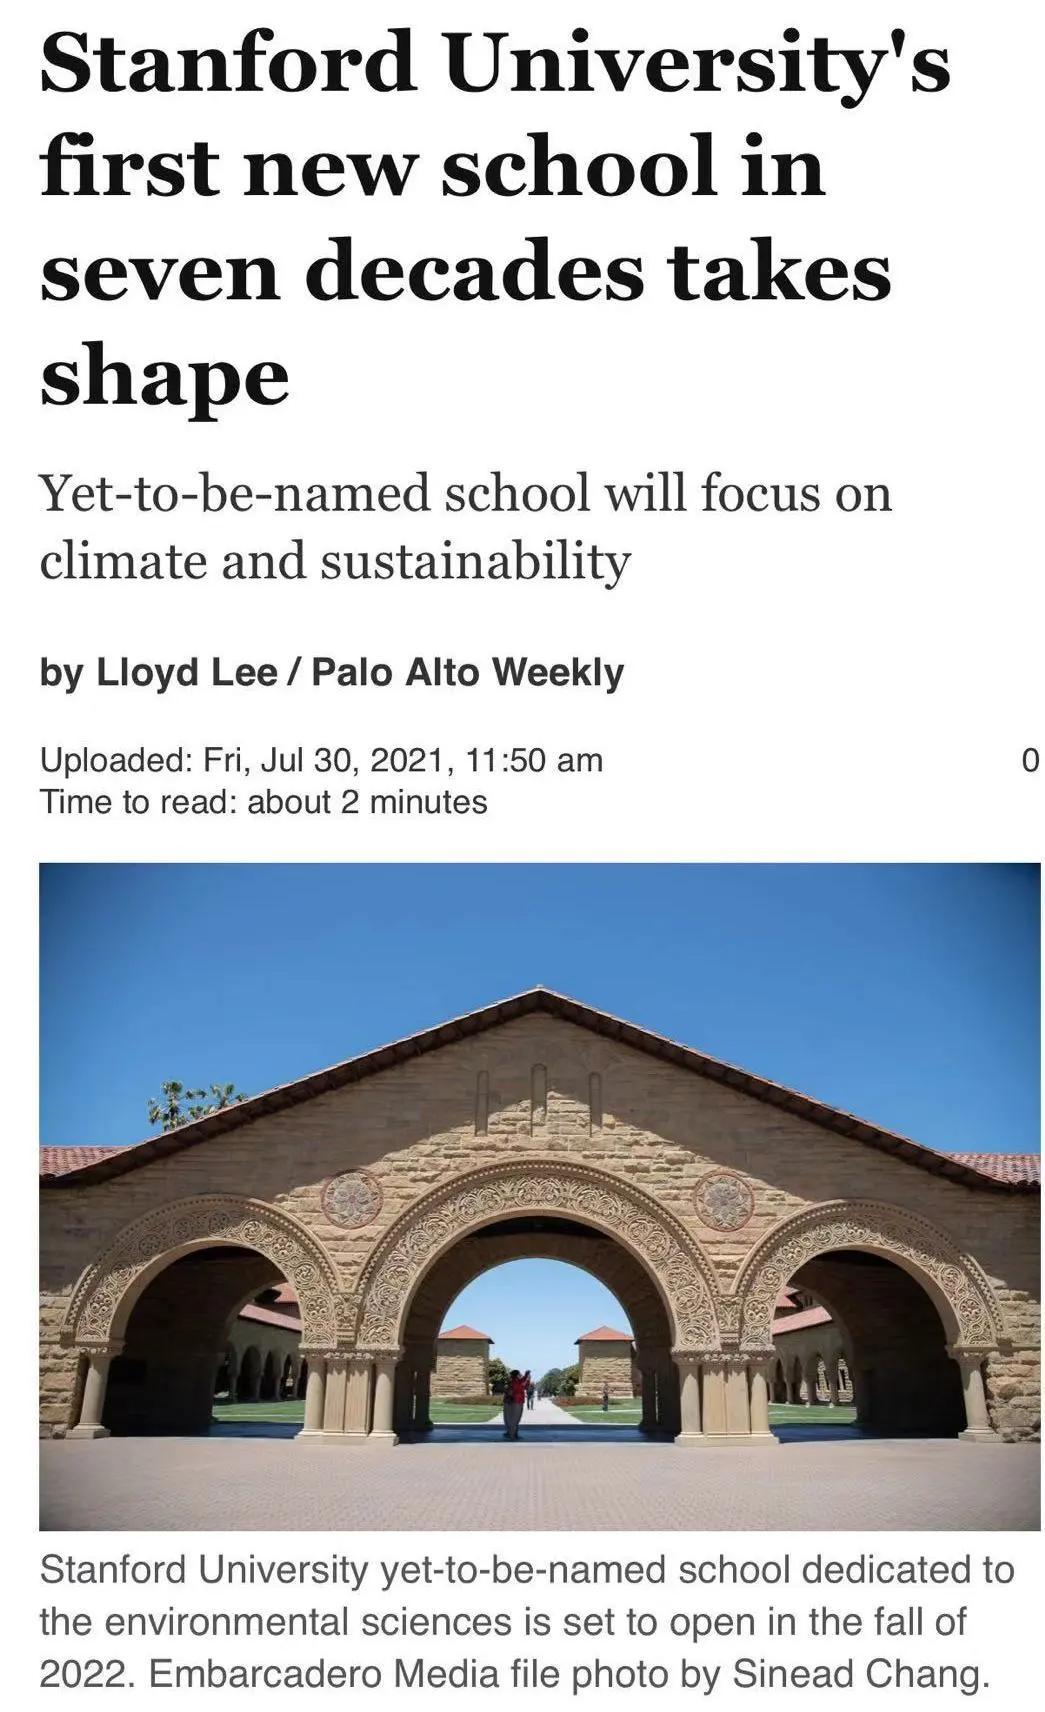 美国斯坦福大学明年开设新学院,70多年来首次!